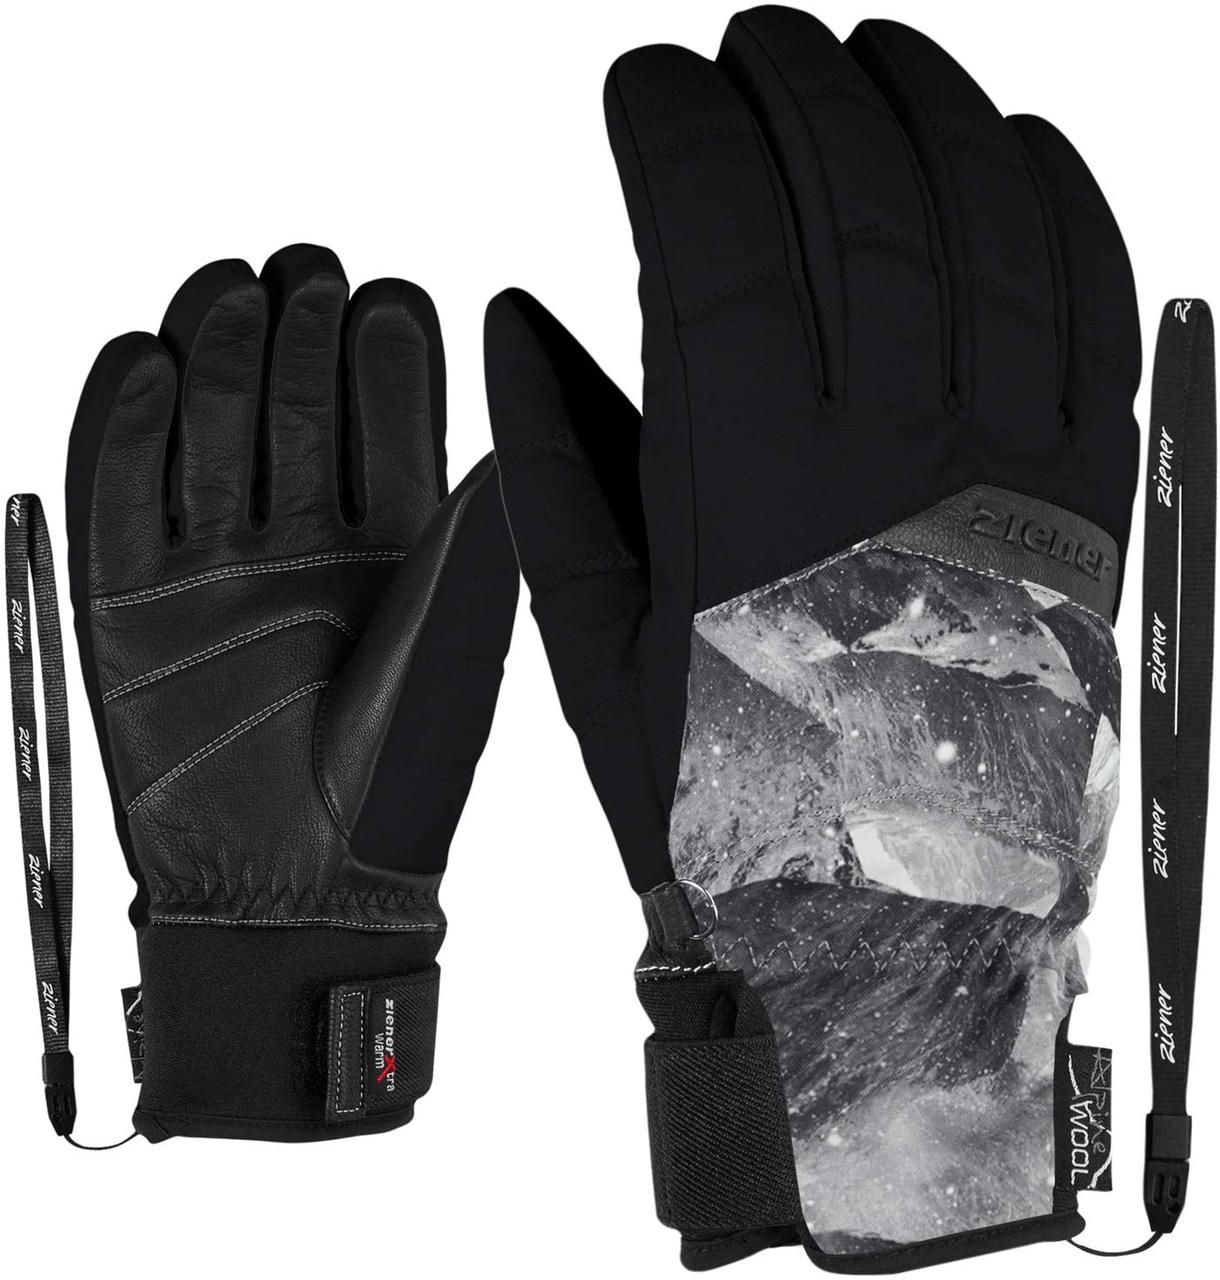 Гірськолижні рукавиці Ziener KOMI AS AW LADY   8.5 (M)